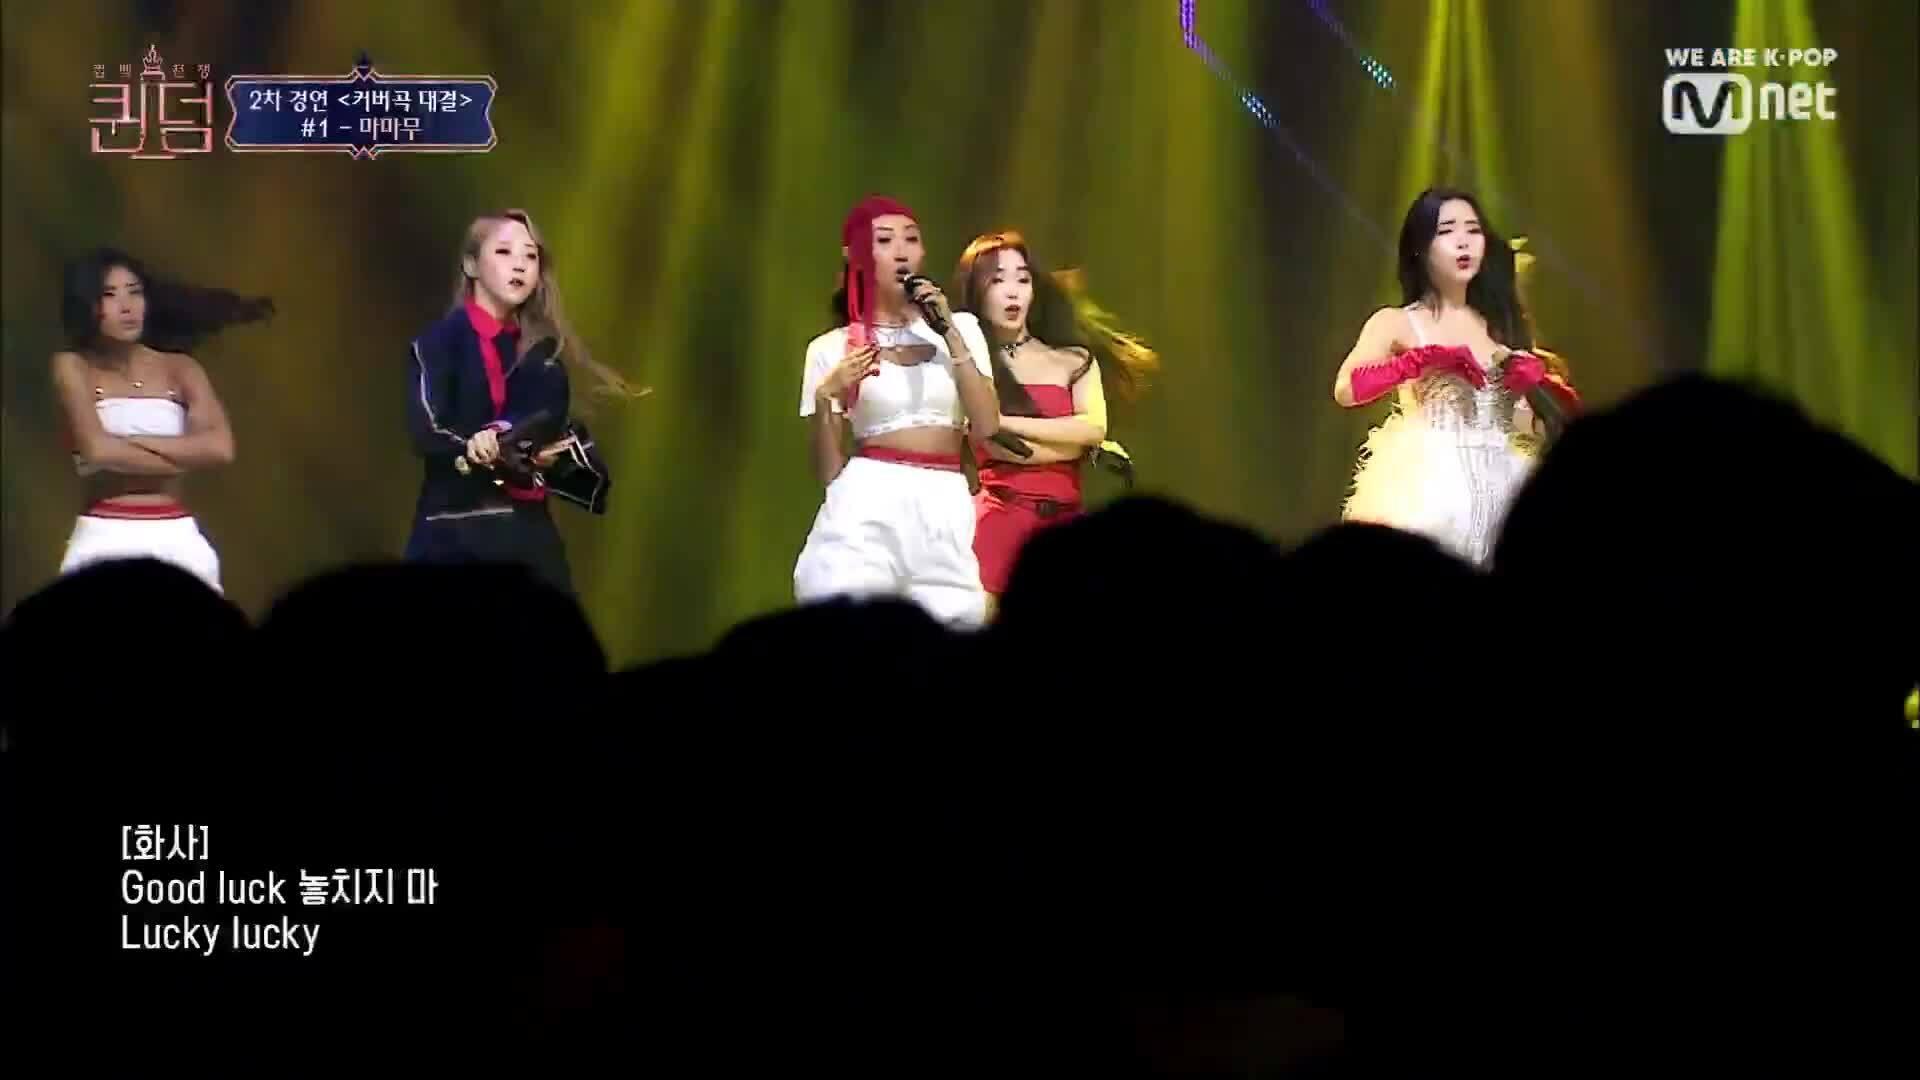 Mamamoo khiến fan kinh ngạc với màn trình diễn 'Goodluck' (AOA)